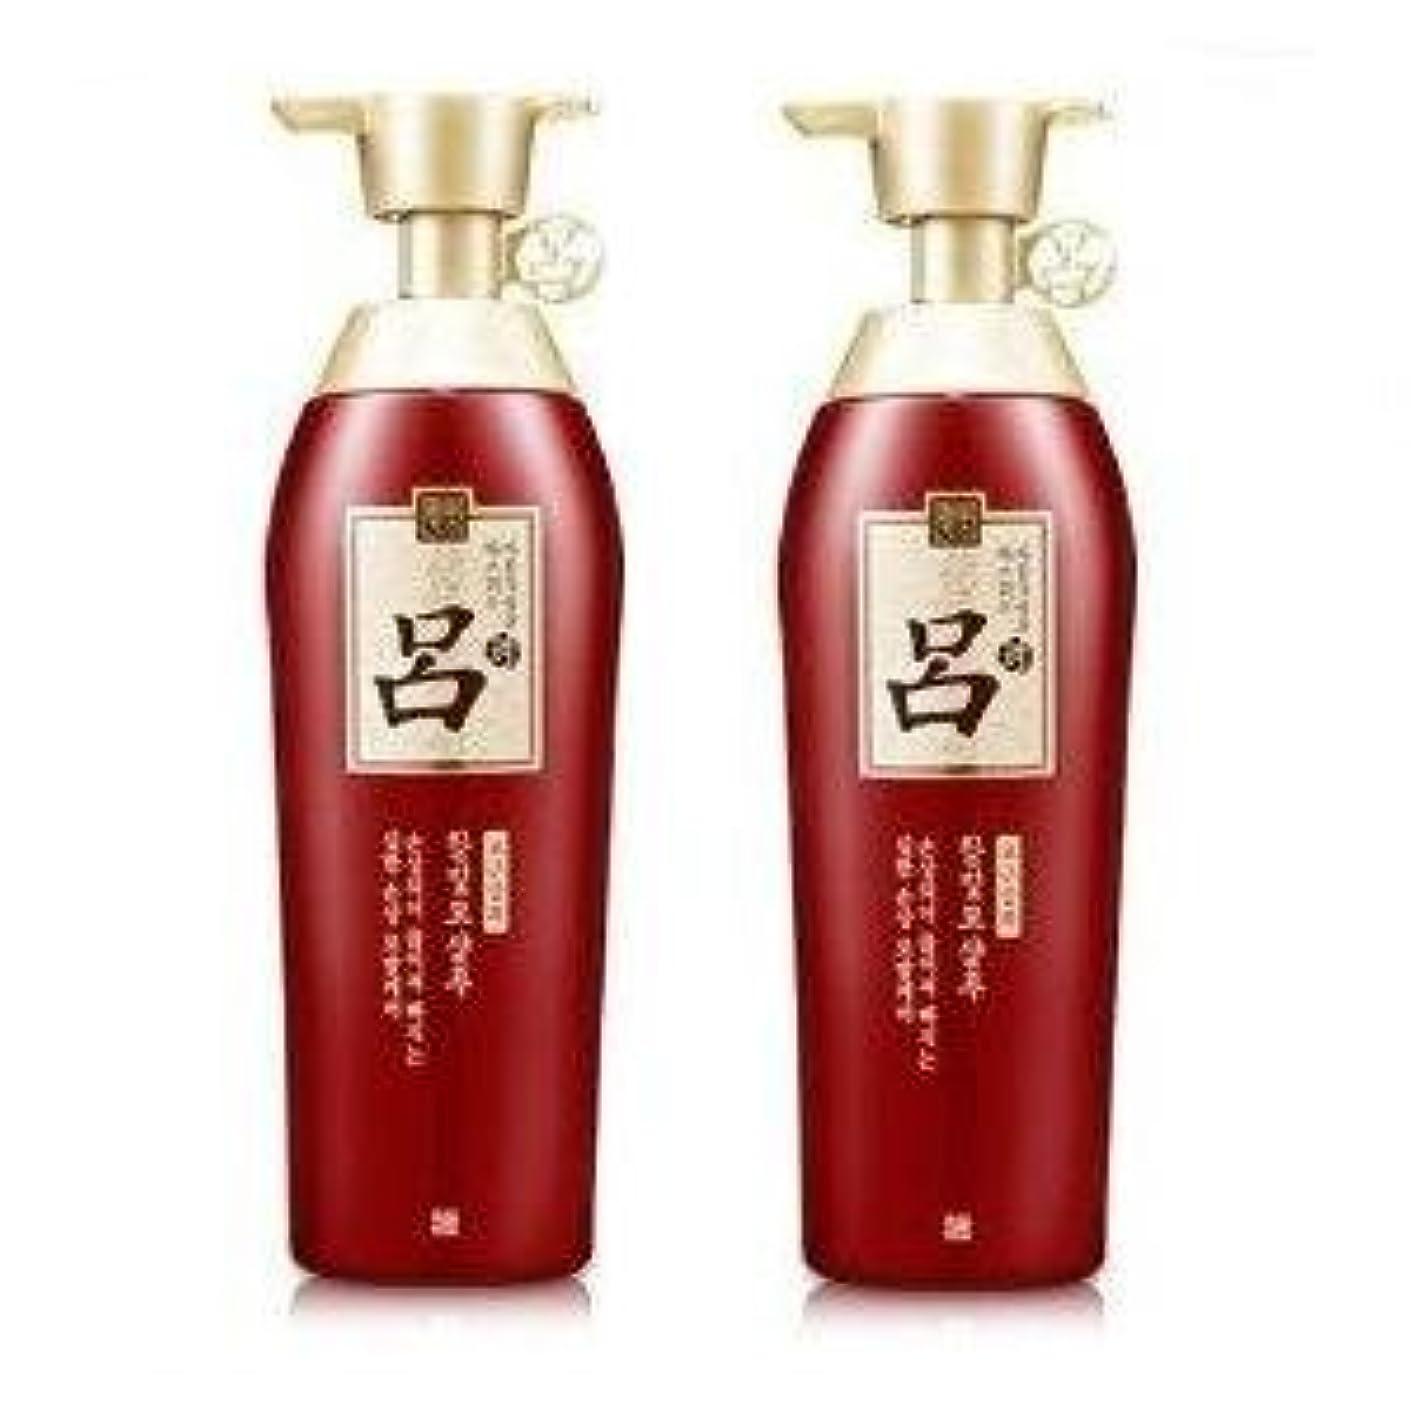 アレルギー立派な化粧呂(リョ) [黒生潤気] 含光毛(ハンビッモ) 赤 シャンプー 2本[海外直送品]